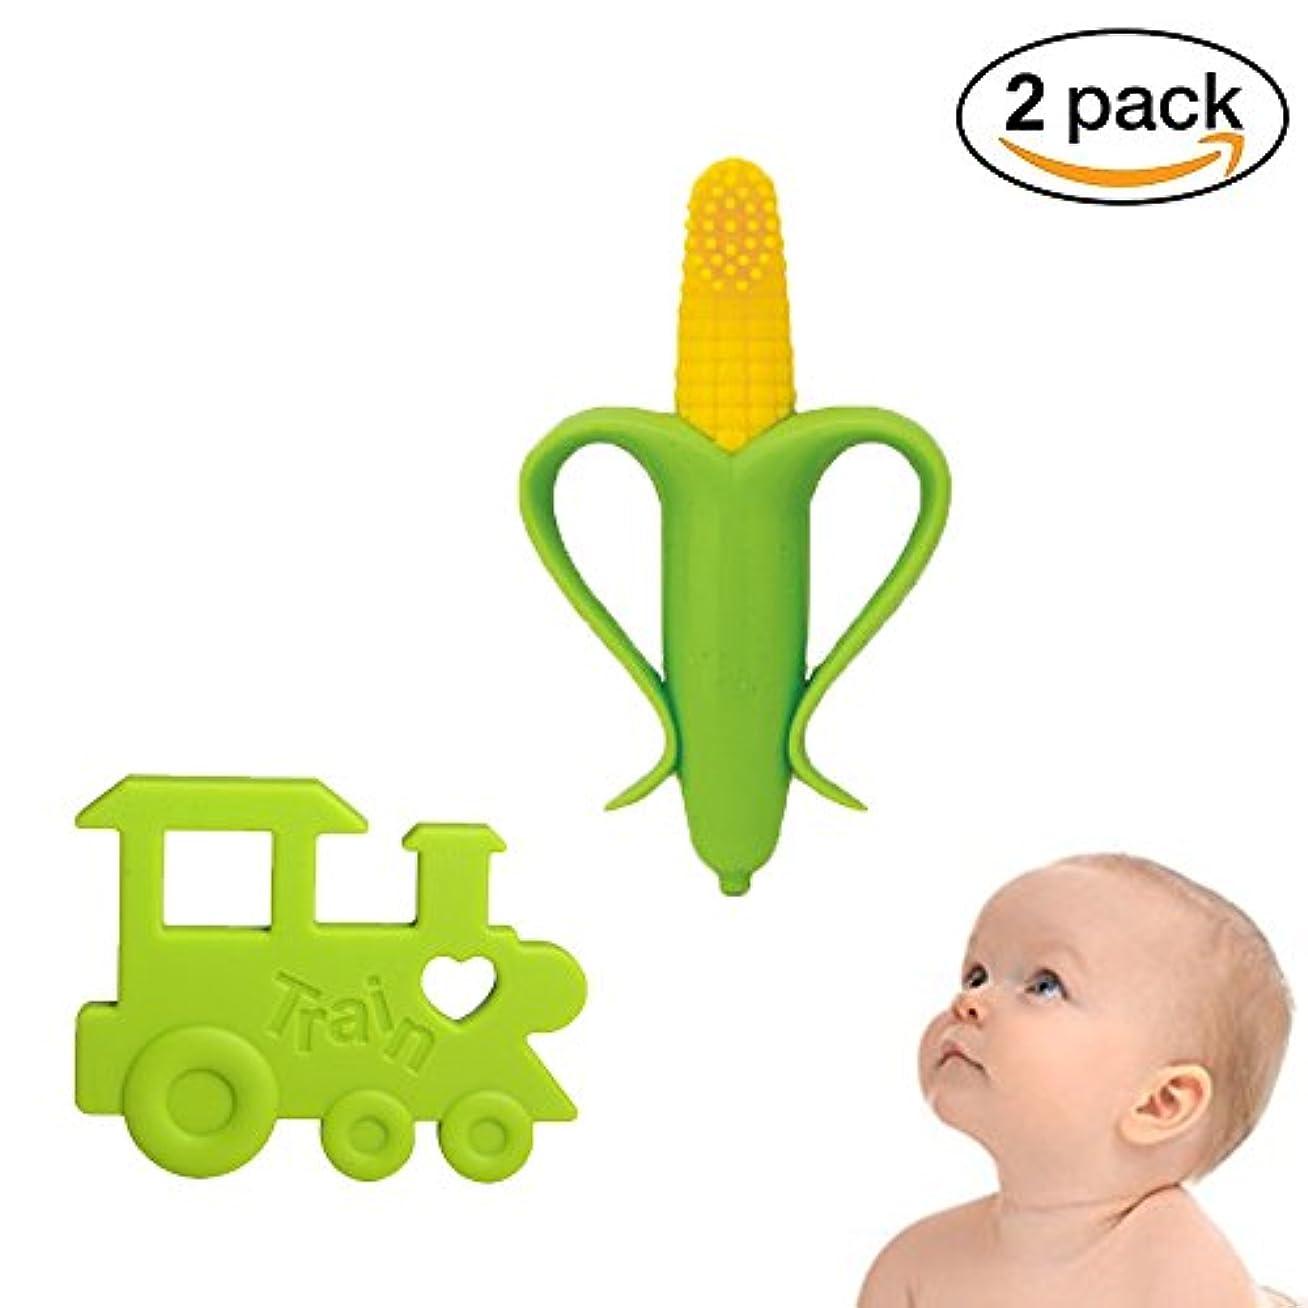 上陸海外見通し電車チュアブル歯が生える玩具、痛み歯茎の痛みを軽減、BPAフリーでINCHANT赤ちゃんシリコーントレーニング歯ブラシやおしゃぶり